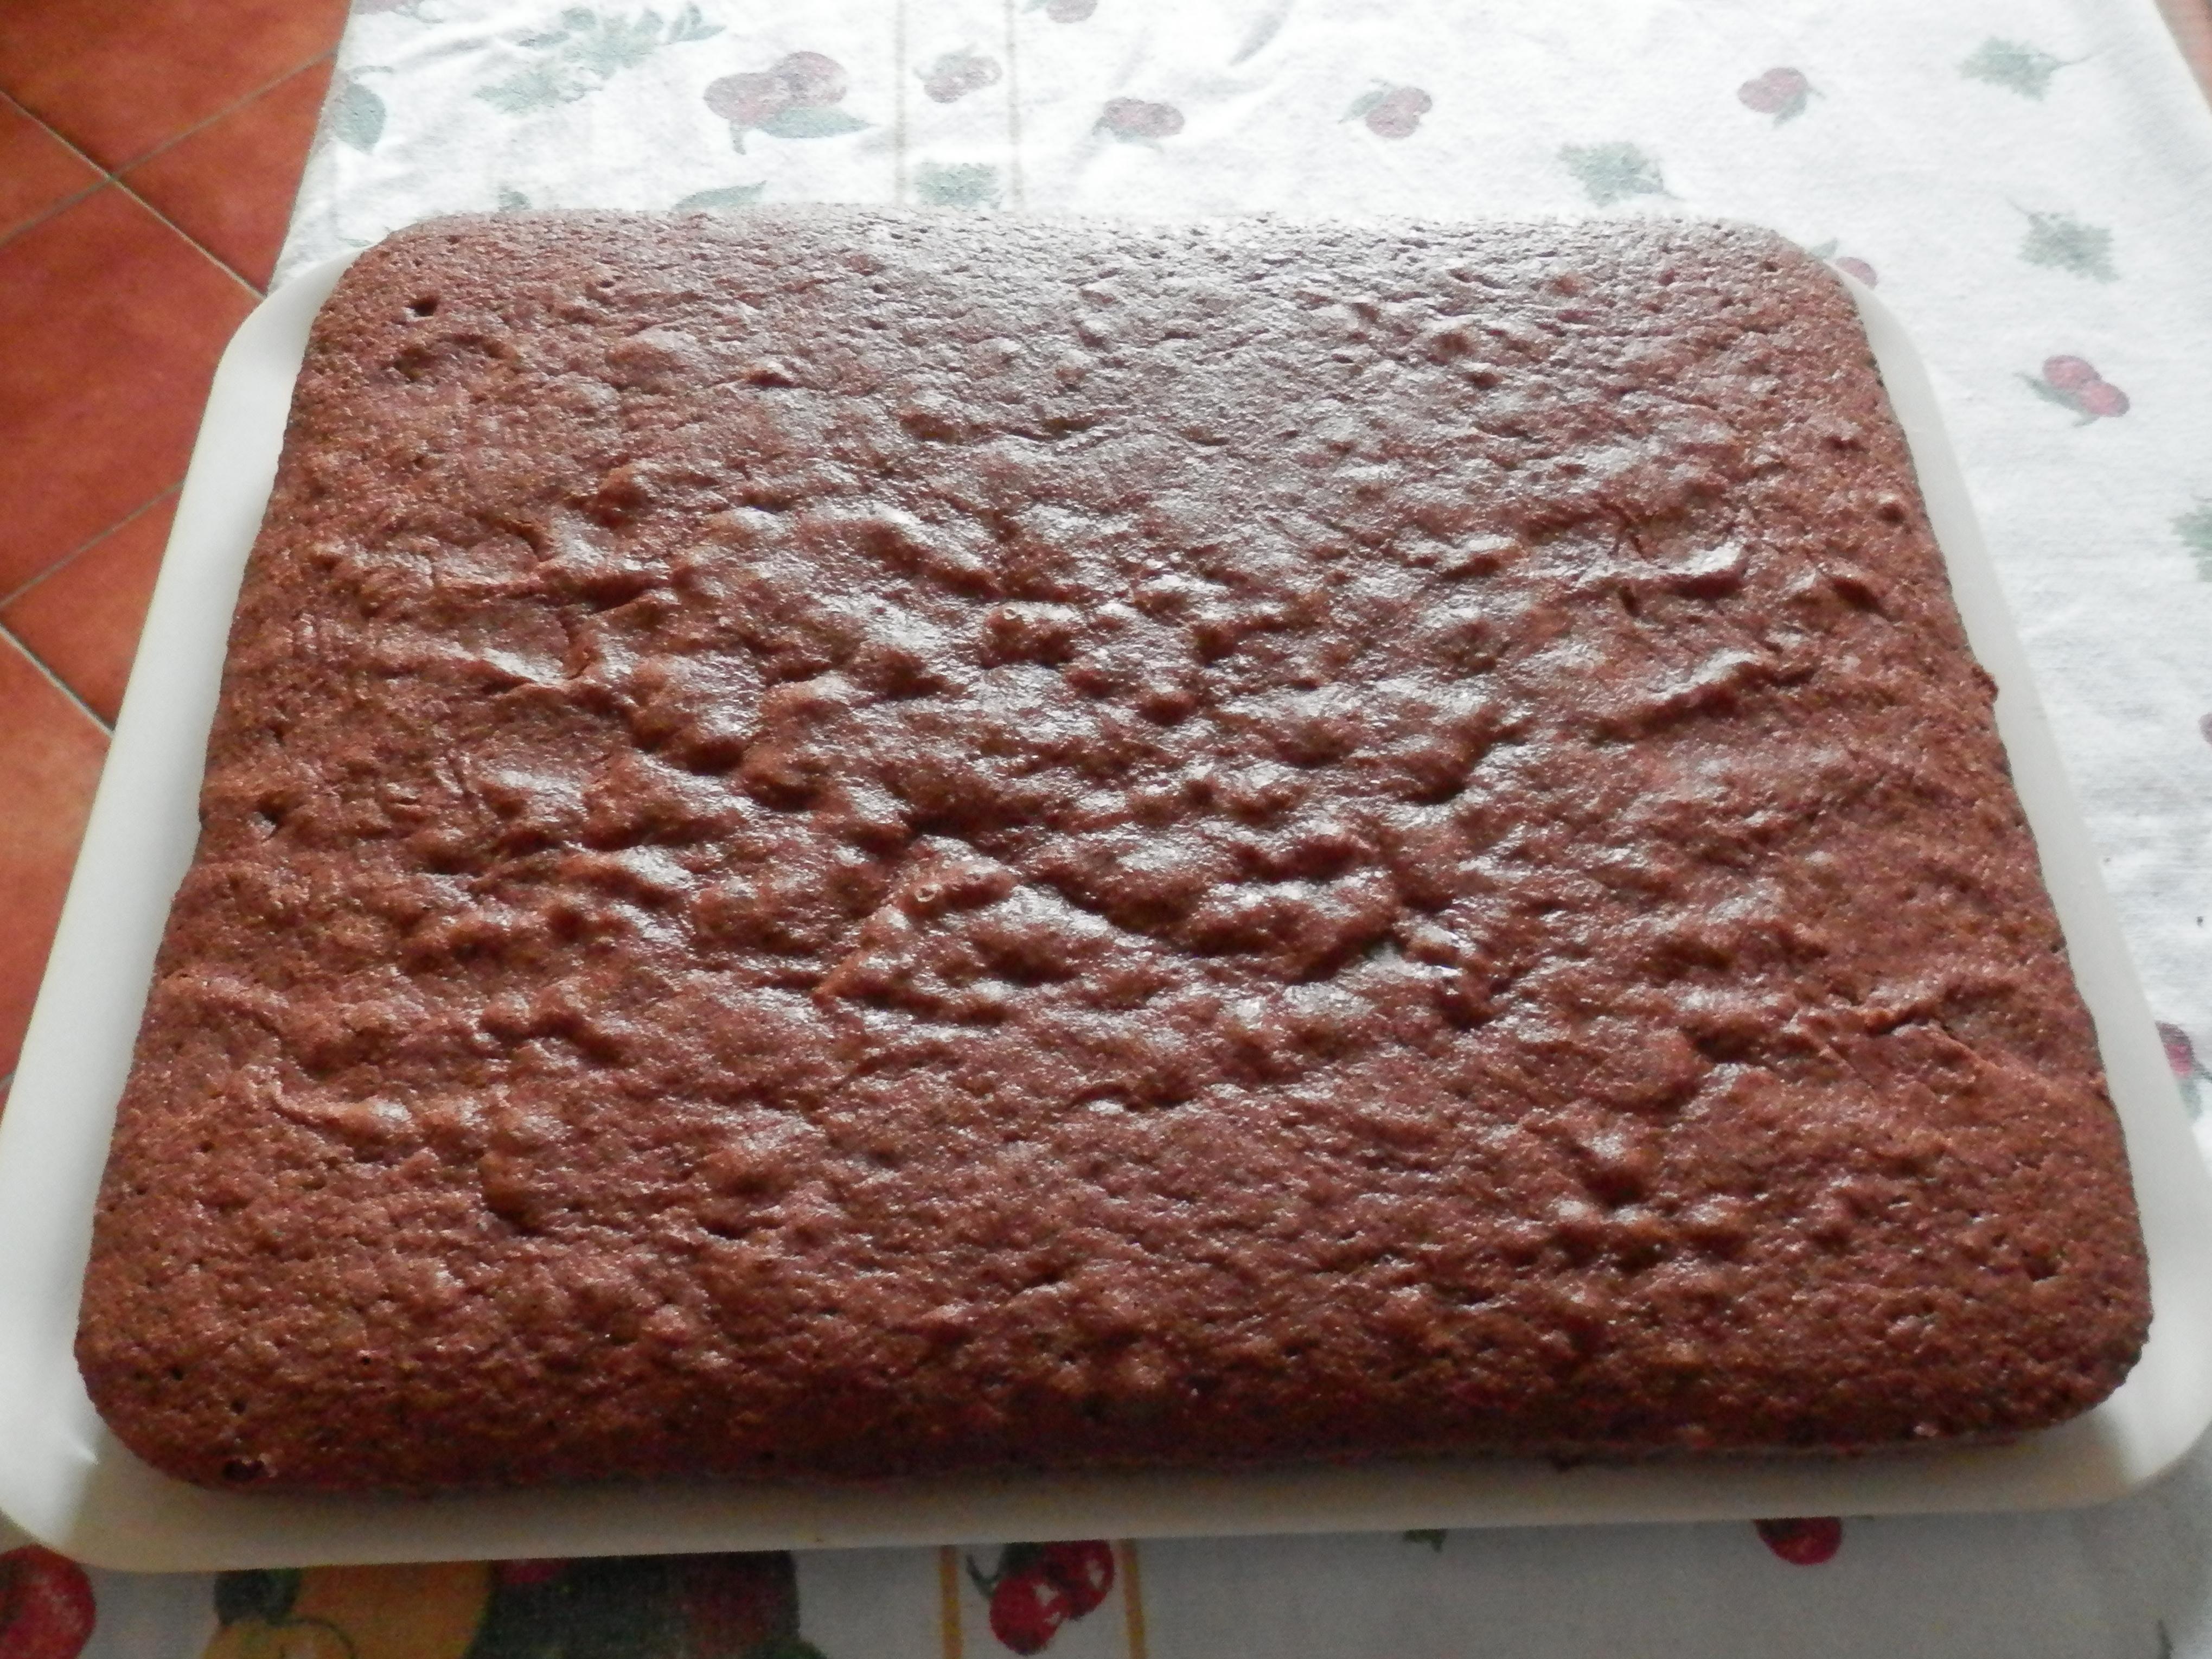 Ricetta Pan Di Spagna Soffice Cacao.Ricetta Pan Di Spagna Al Cacao Senza Lievito Dolcidee